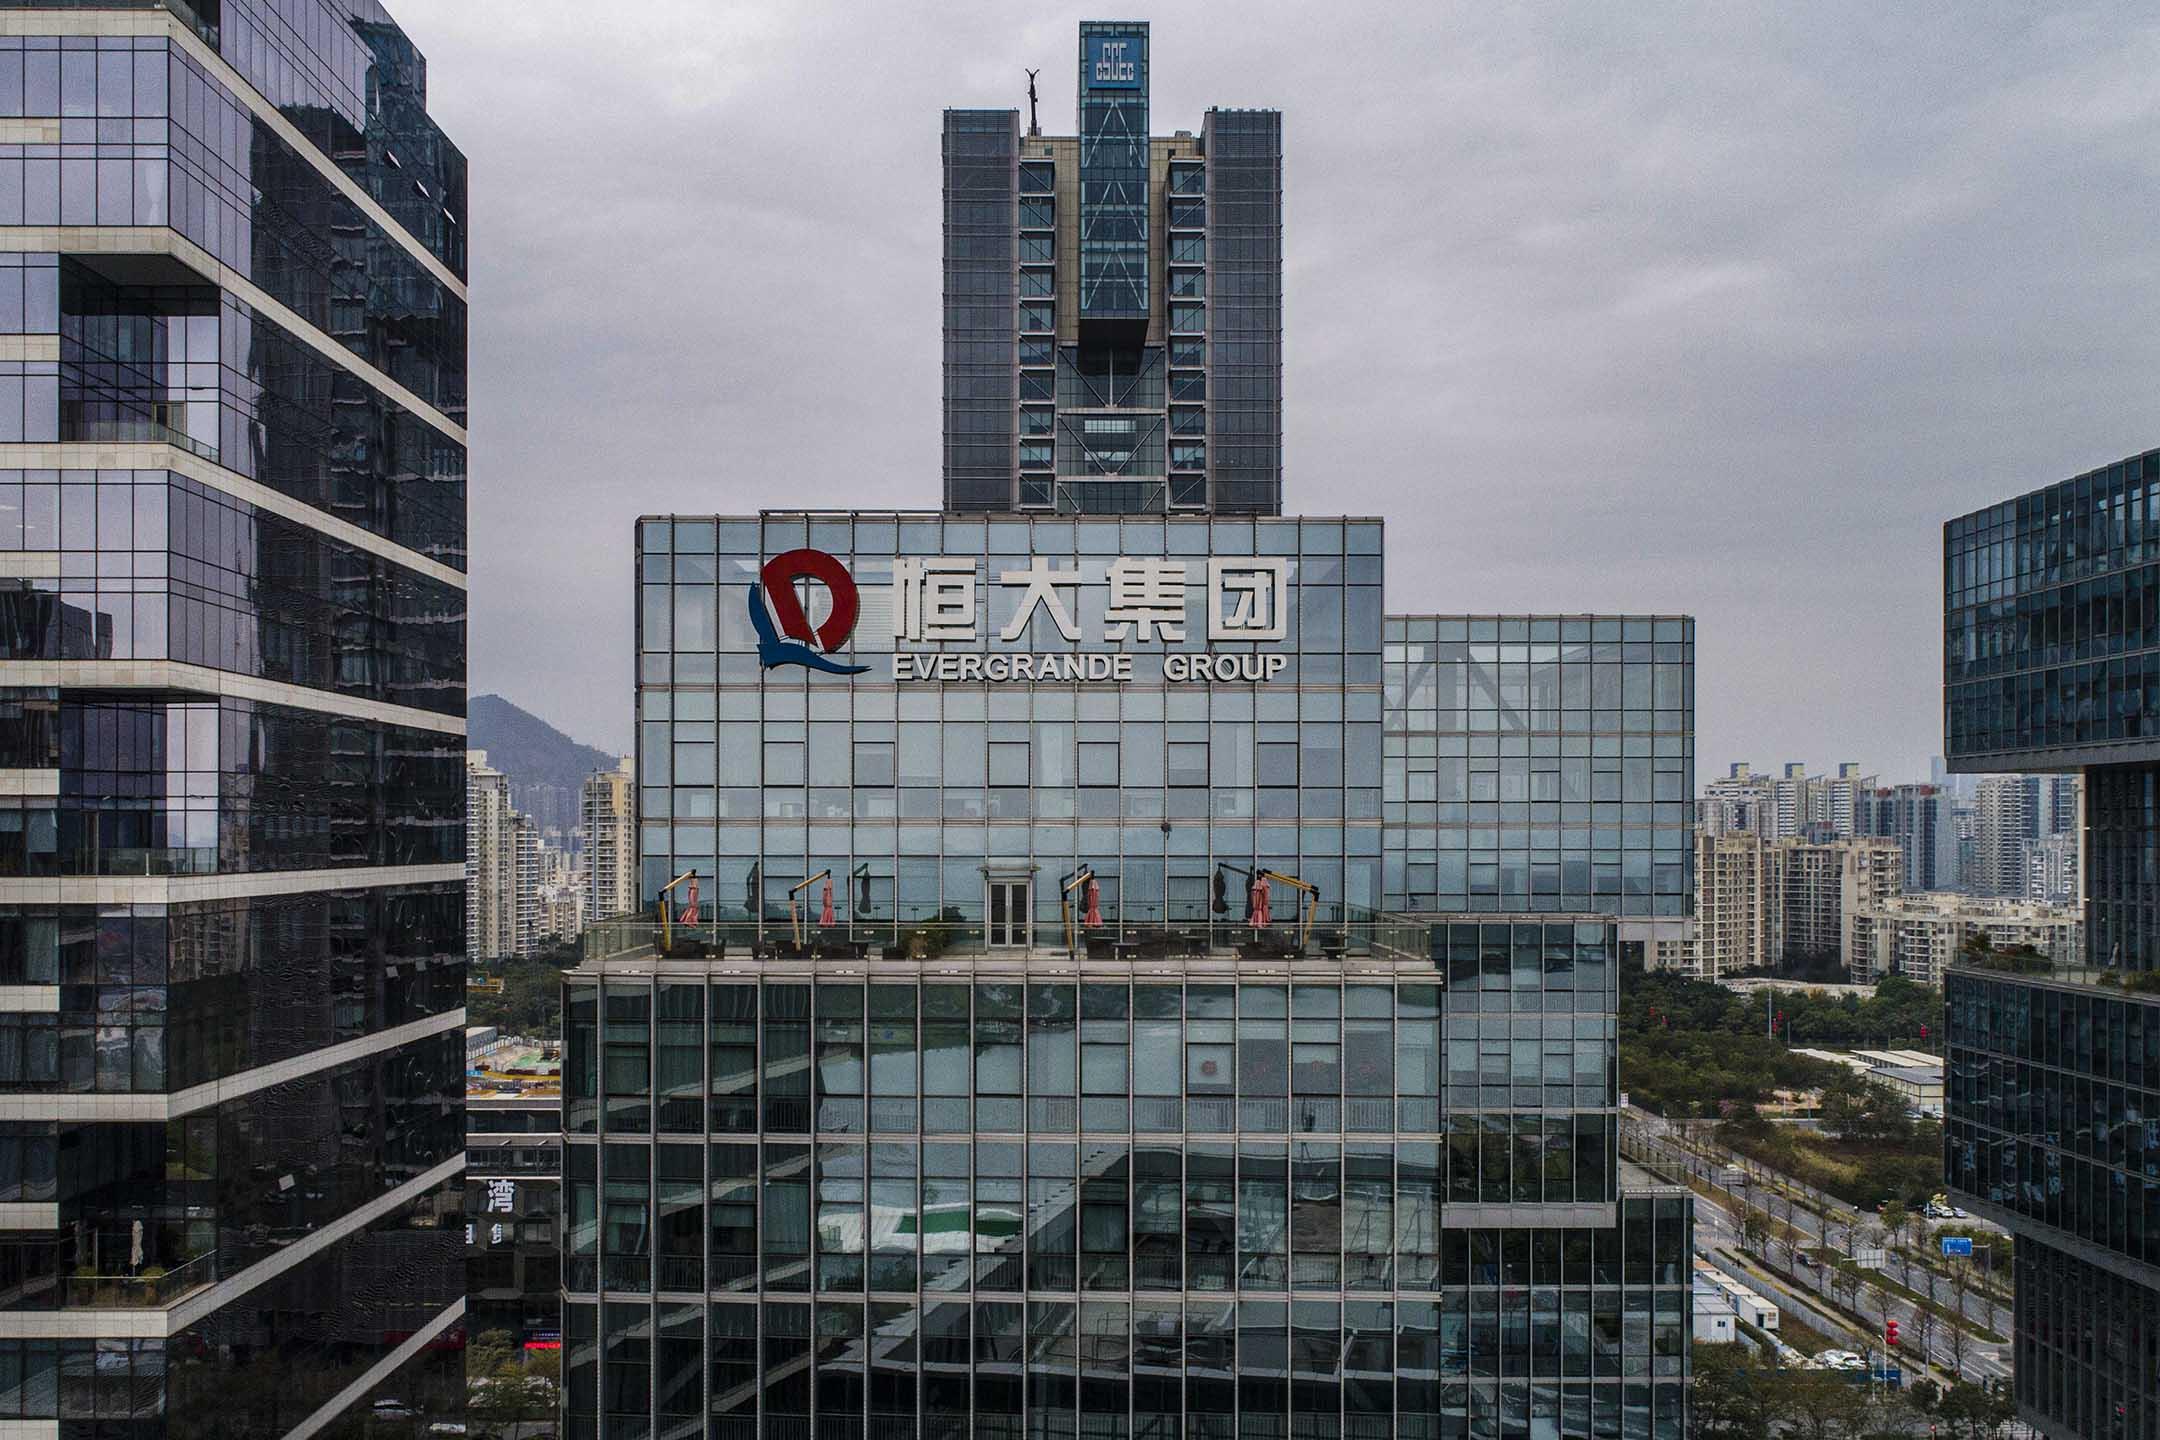 2021年2月9日中國深圳,恆大公司總部外可看到恆大集團的標誌。